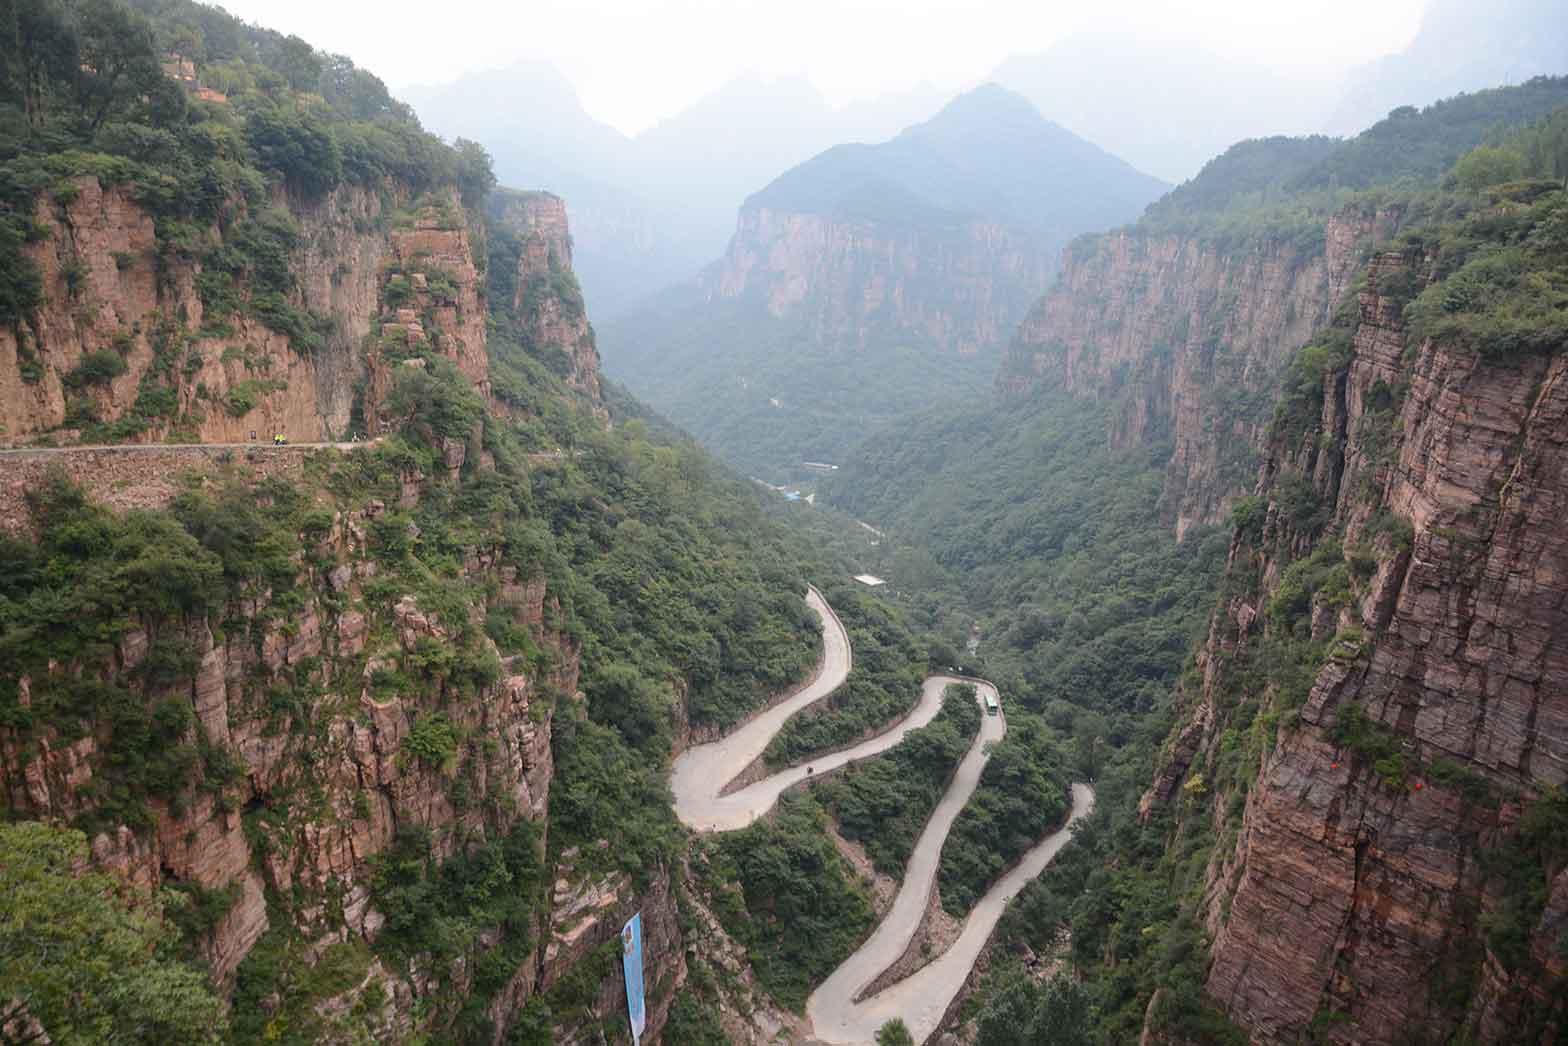 The Taihang mountains, China